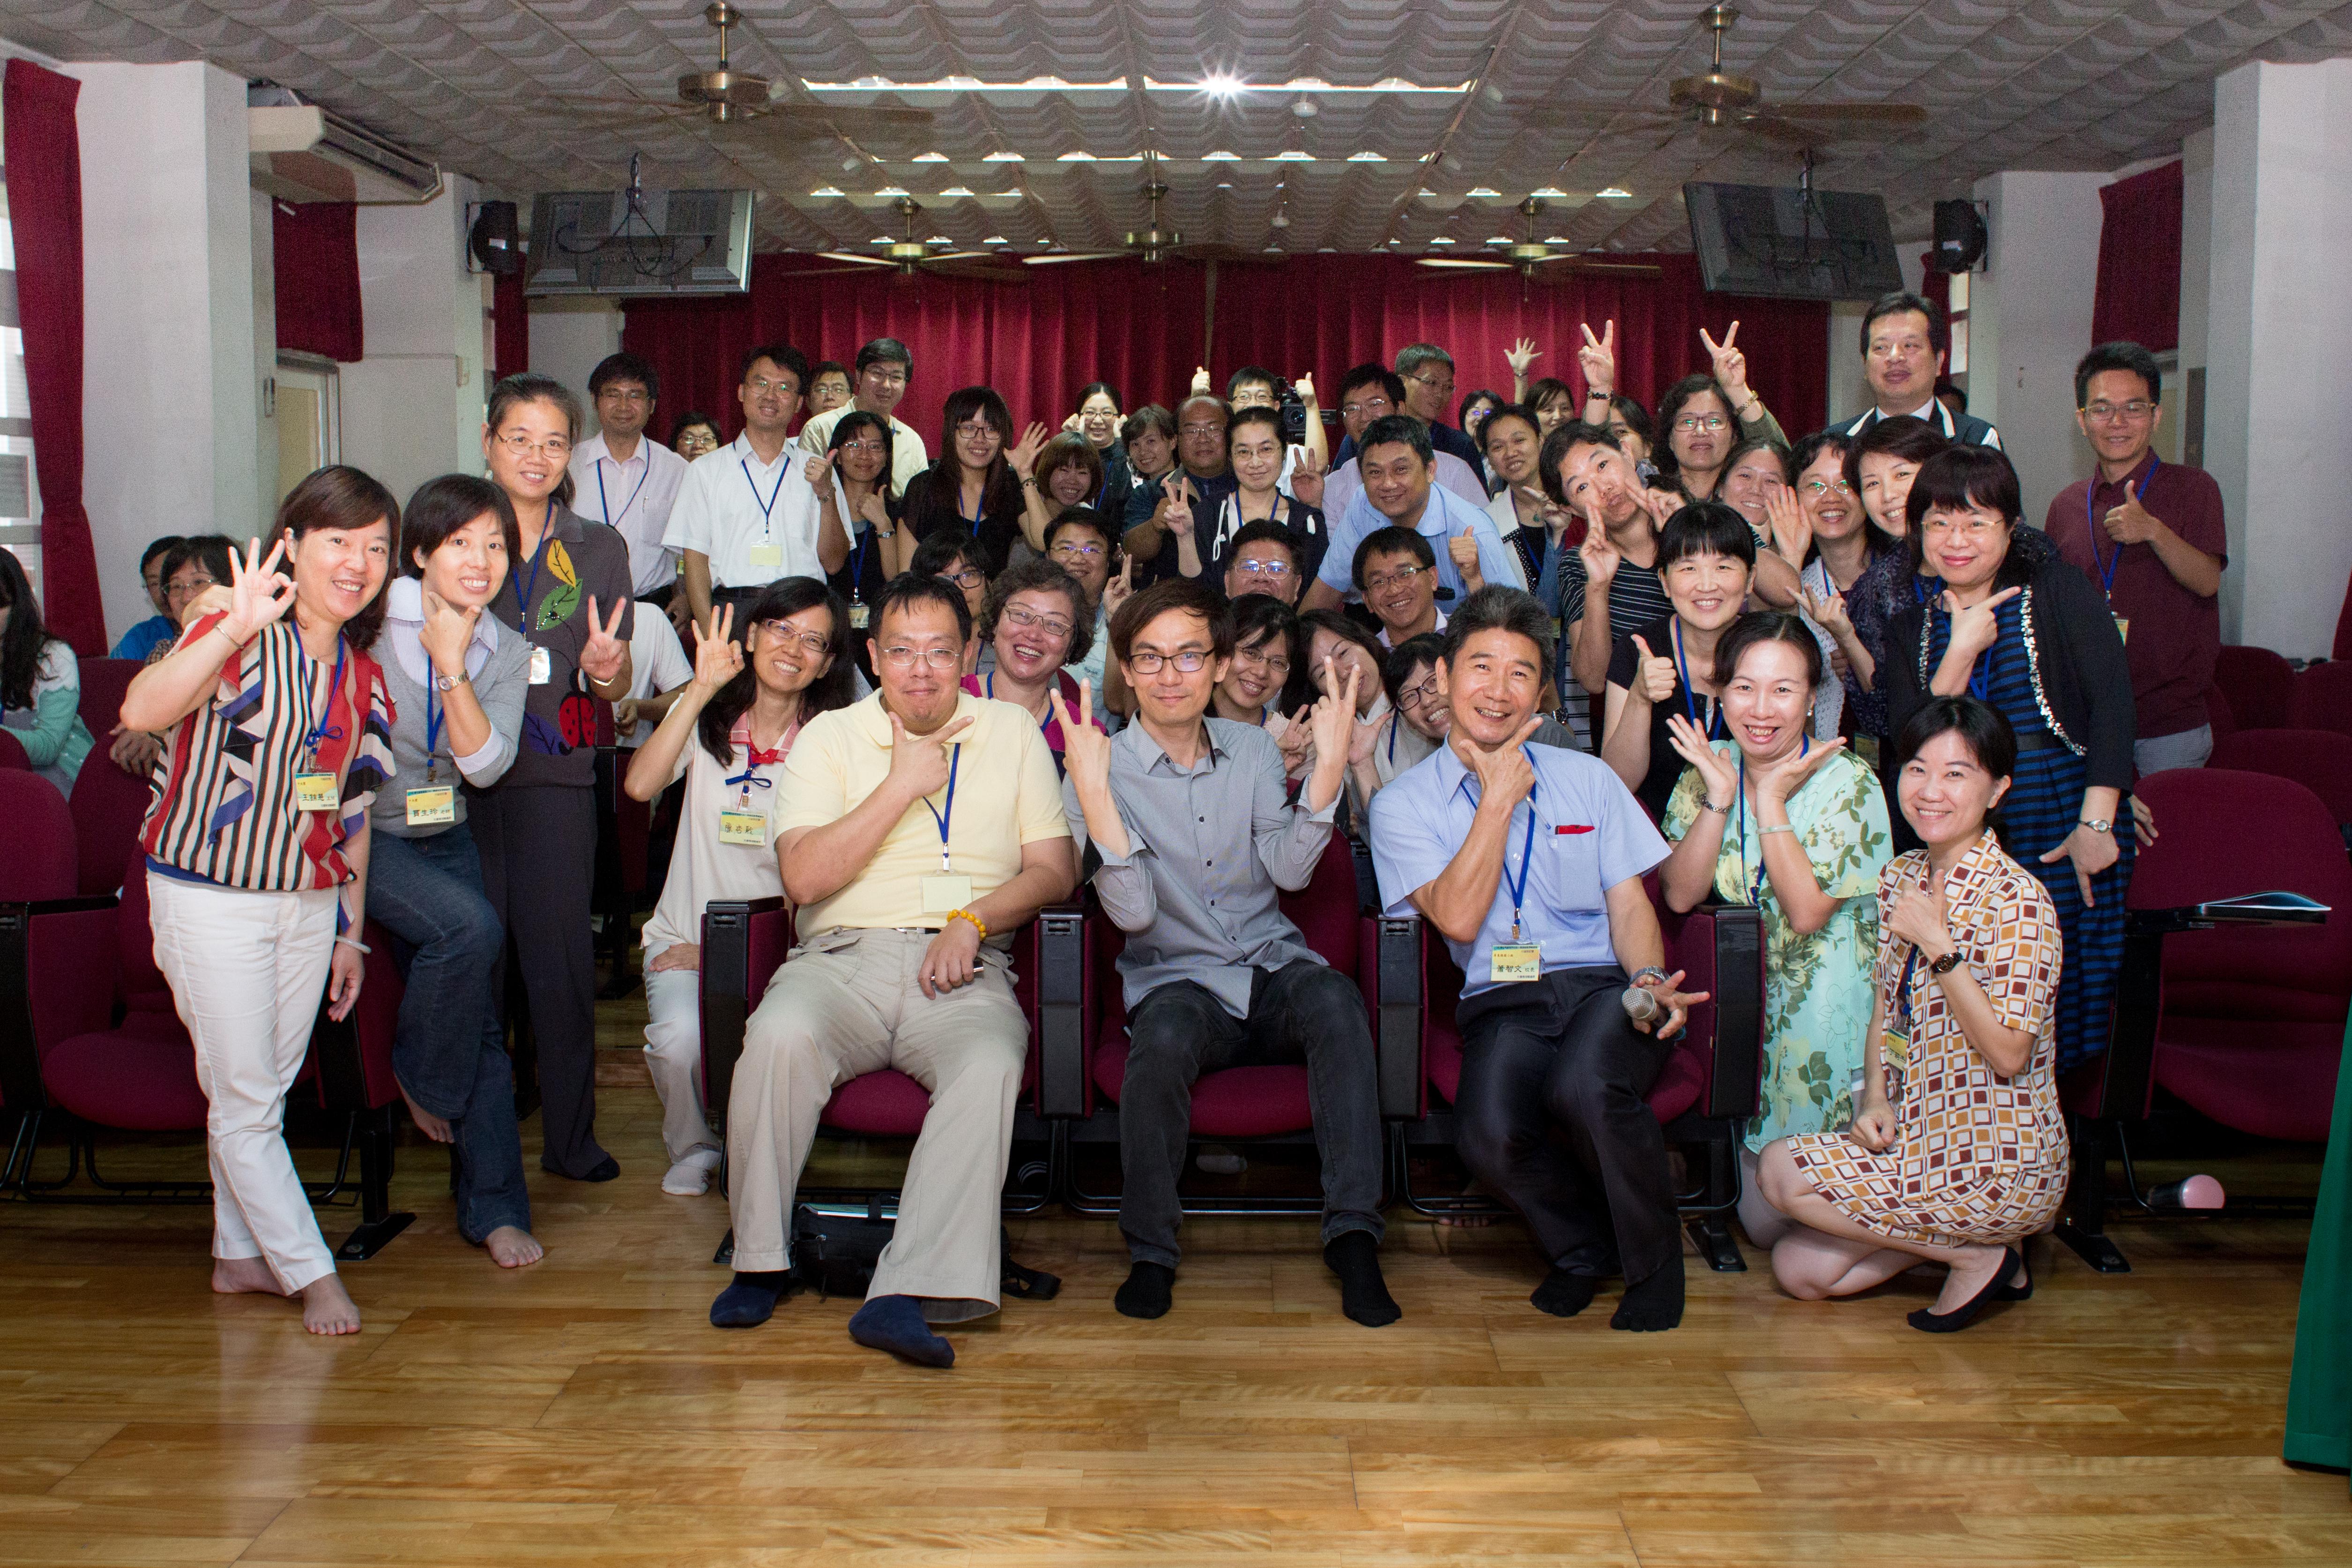 2015.05.22教育部九年一貫課程推動專題講座太空科技的發展在社會學習領域教學上的應用